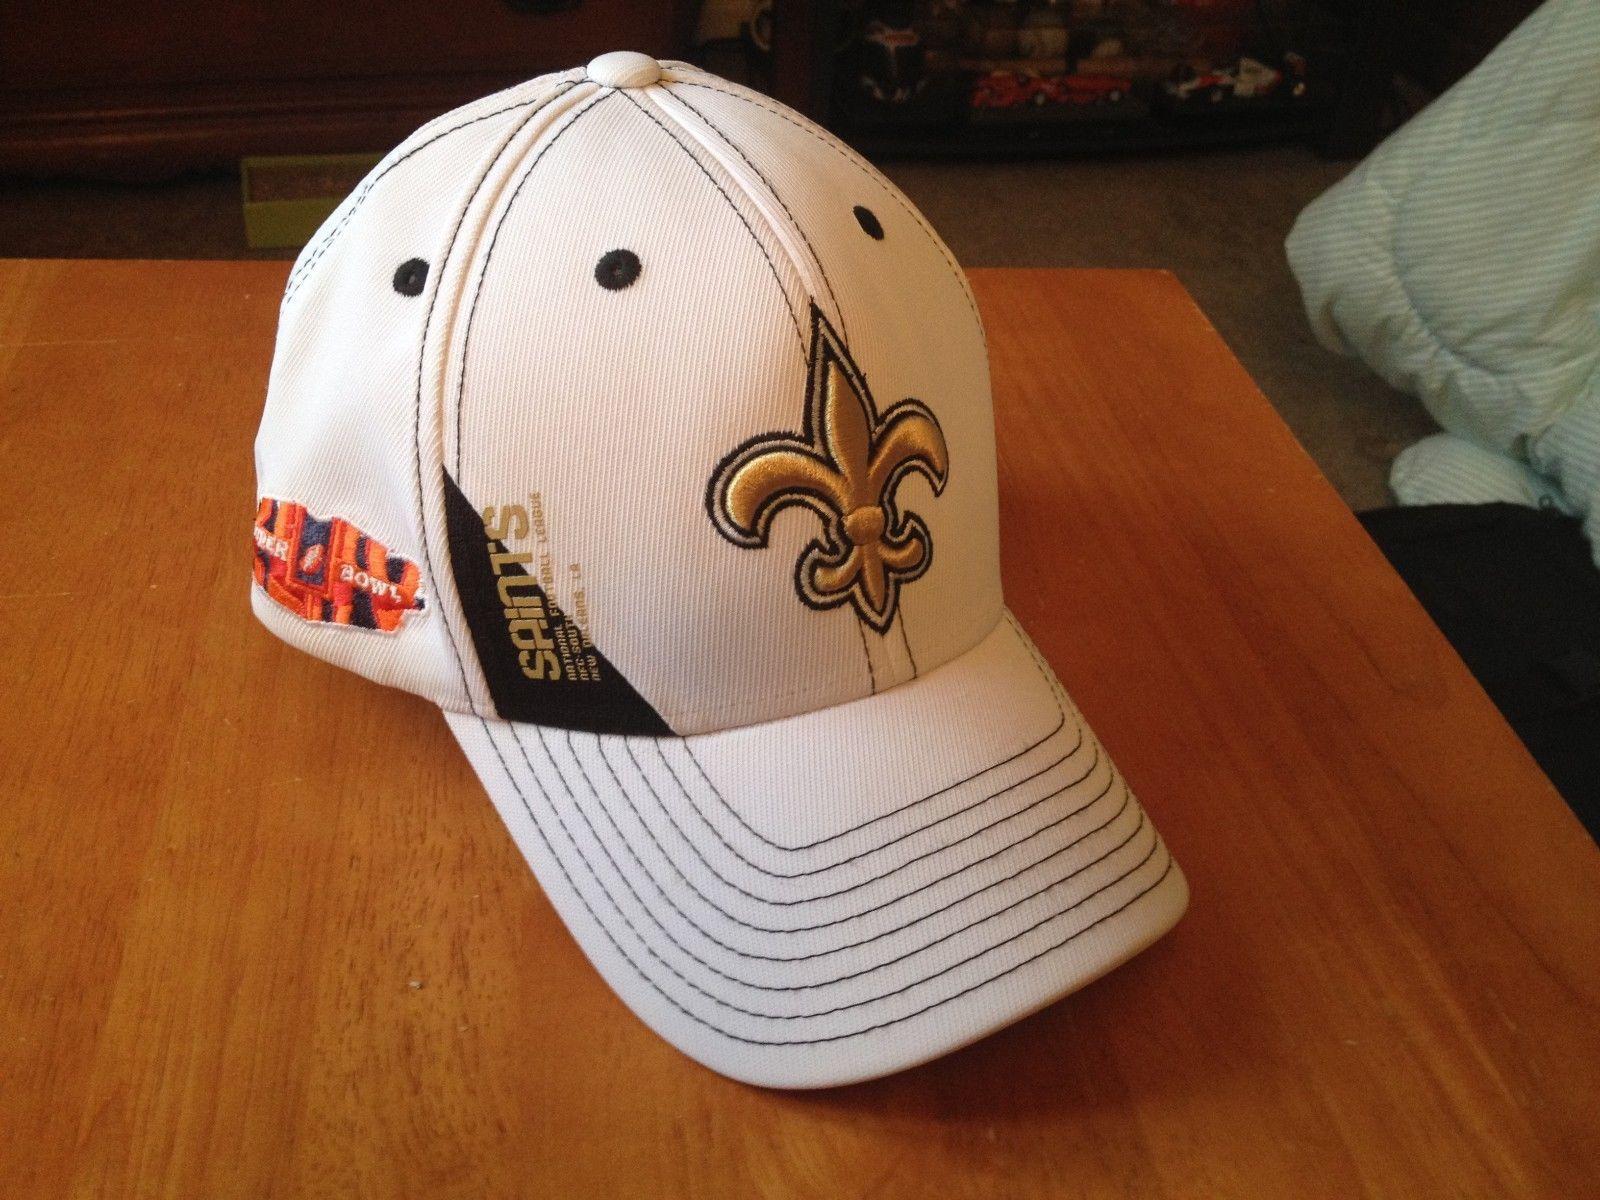 c032f75d1e1 VTG Reebok NFL New Orleans Saints Super Bowl XLIV flexfit sideline cap hat  L XL